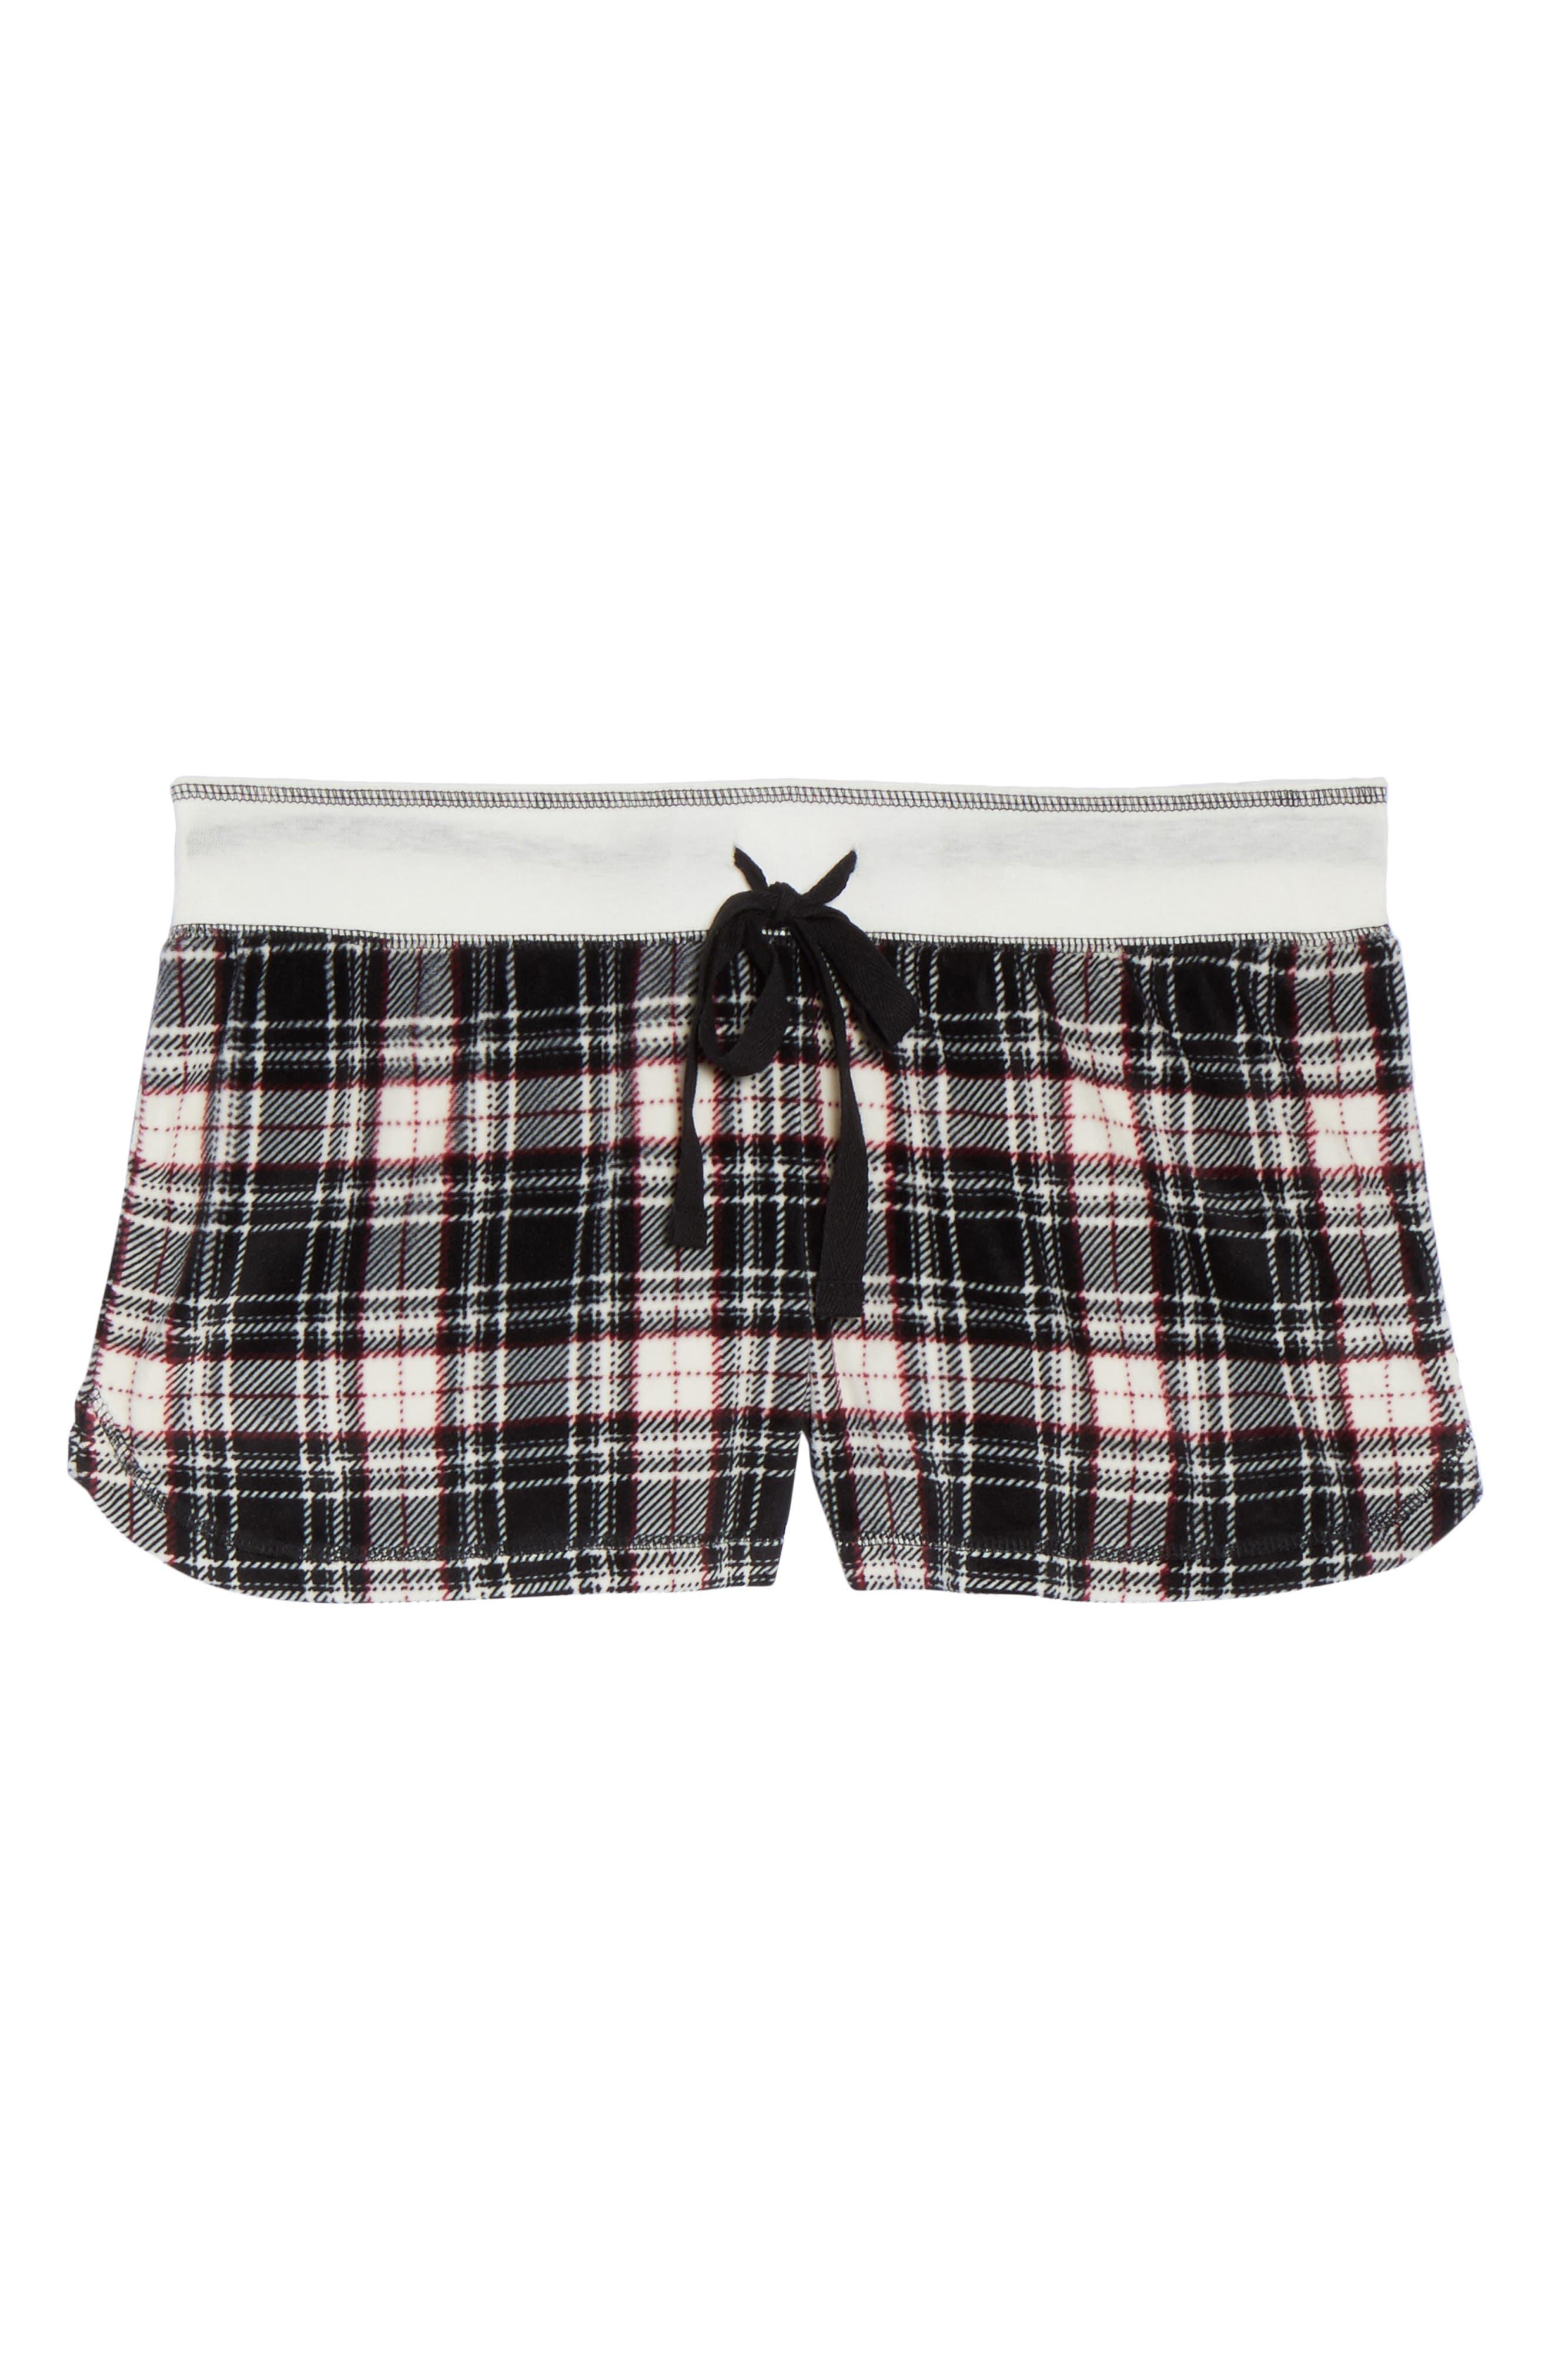 Velour Shorts,                             Alternate thumbnail 6, color,                             001